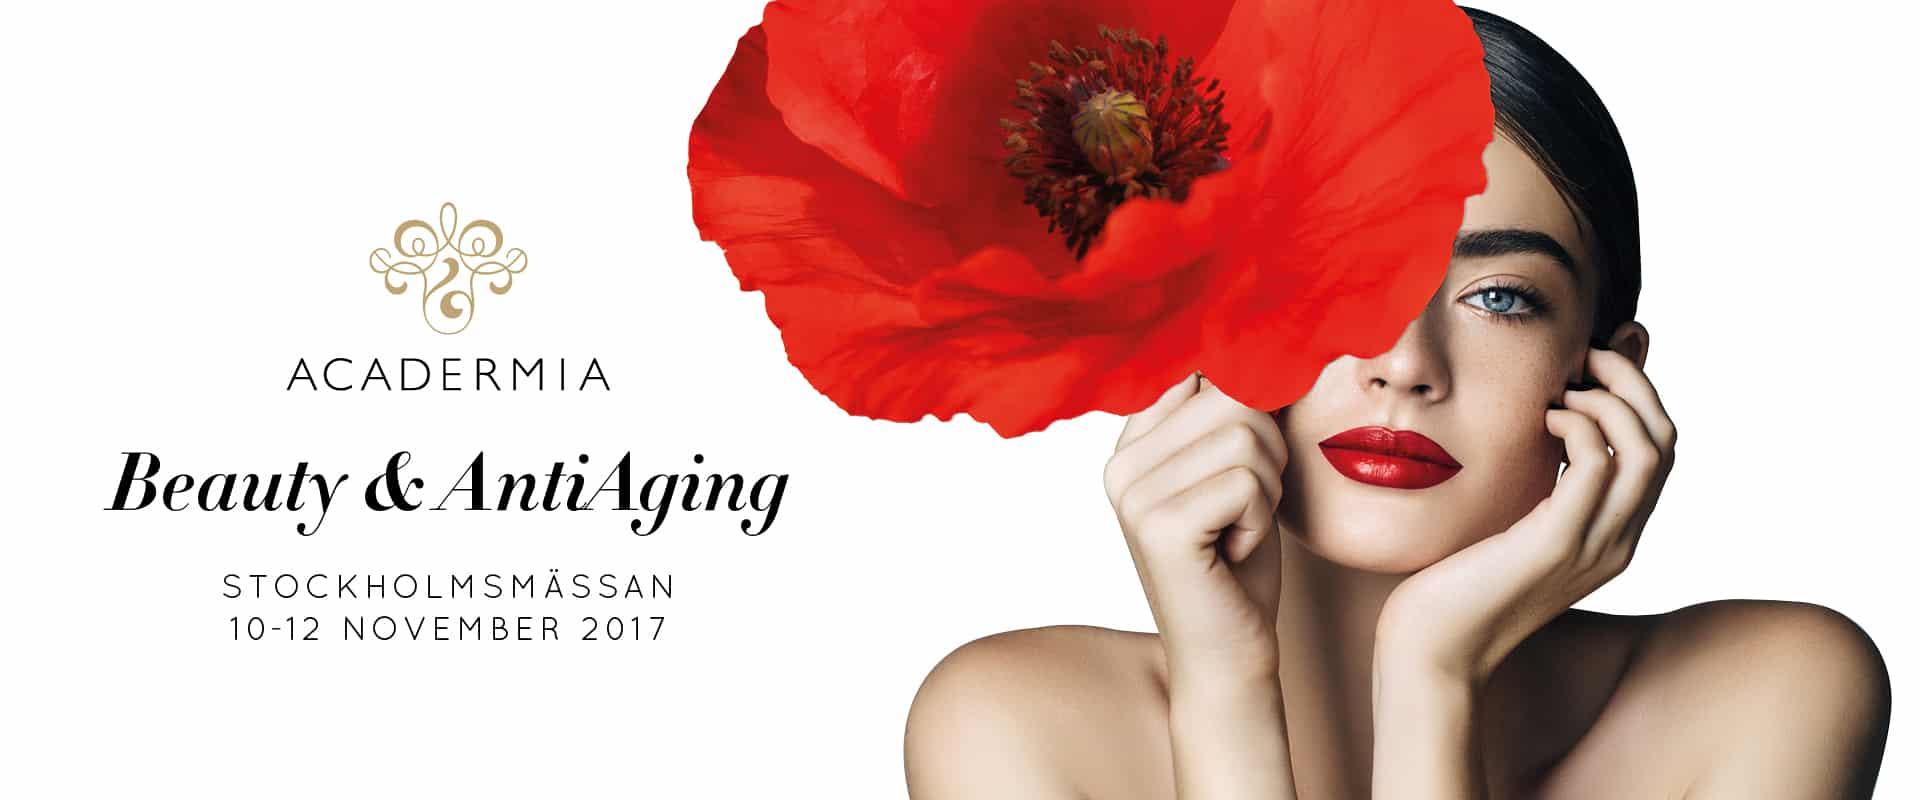 Acadermia - Beauty & AntiAging - Mässa Stockholmsmässan 2017 november